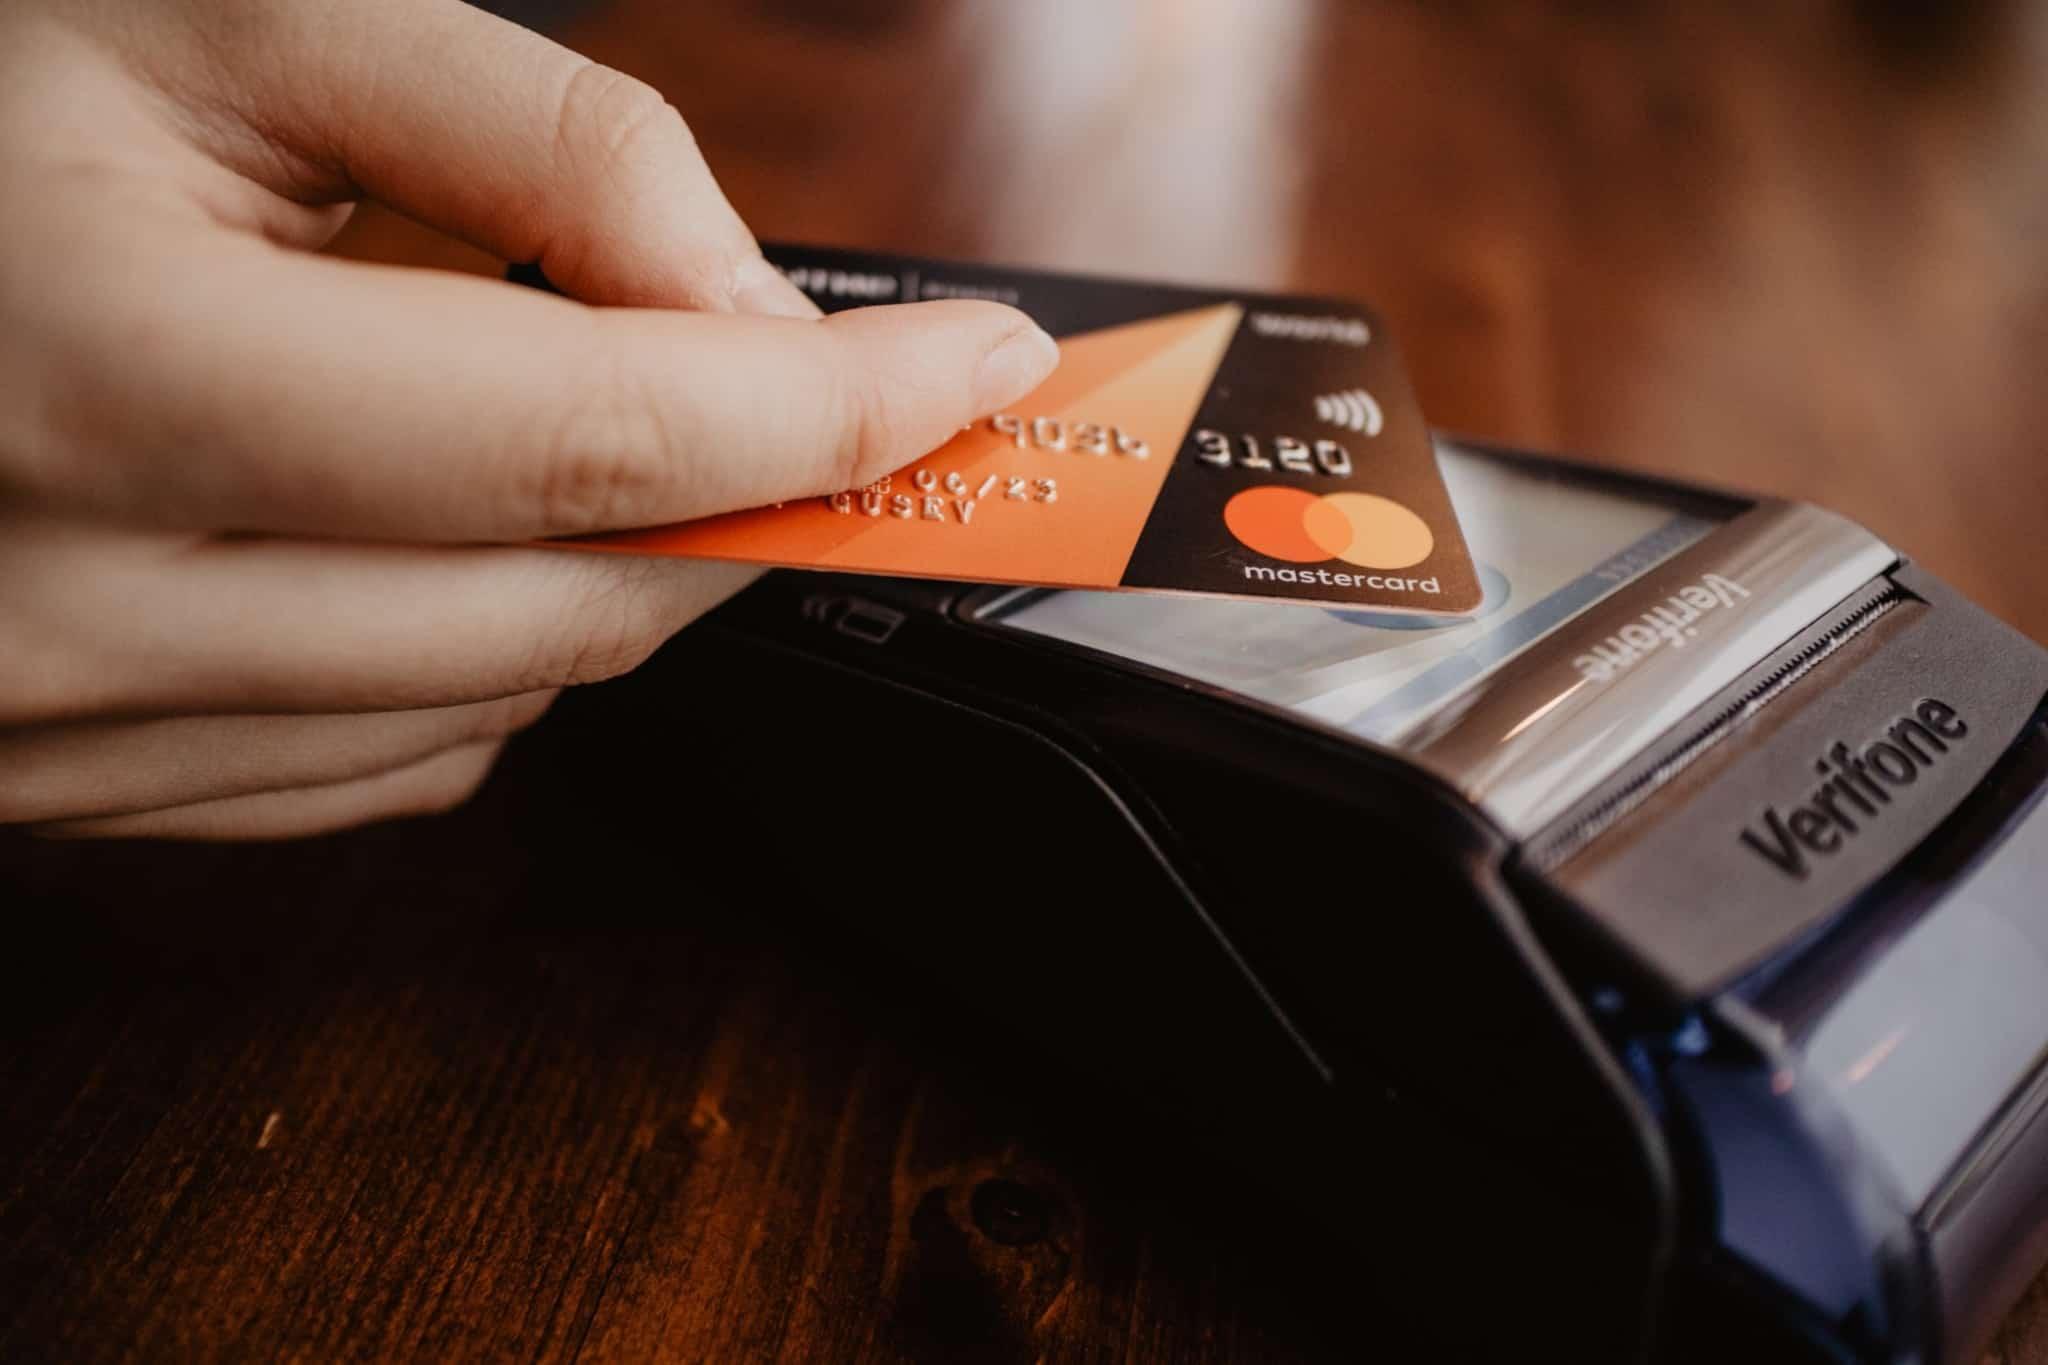 pessoa com um cartao preto da mastercard a fazer uma compra no terminal de pagamento